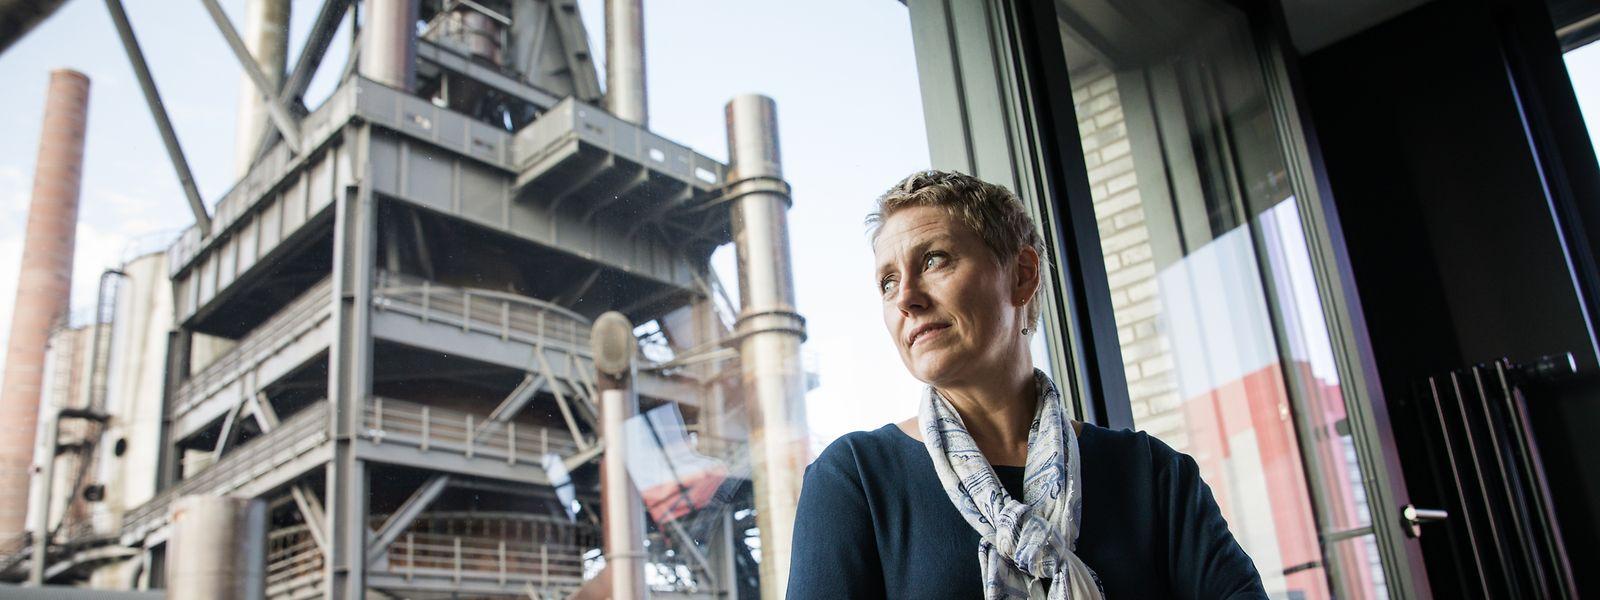 Installée à Belval, au 5, avenue des Hauts-Fourneaux, Sasha Baillie a le regard résolument tourné vers l'avenir pour assurer le développement de l'économie.